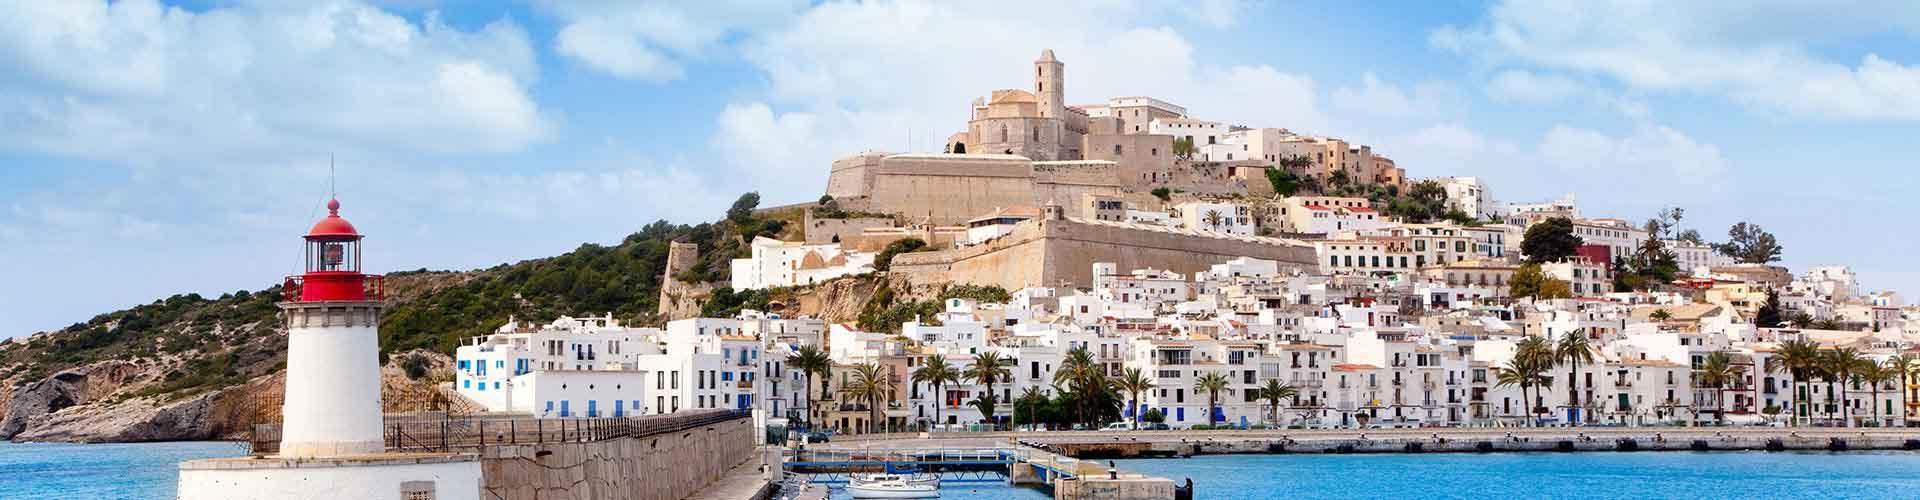 Ibiza - Auberges de jeunesse et chambres pas chères à Ibiza. Cartes de Ibiza, photos et commentaires pour chaque Auberge de jeunesse et chambre pas chère à Ibiza.